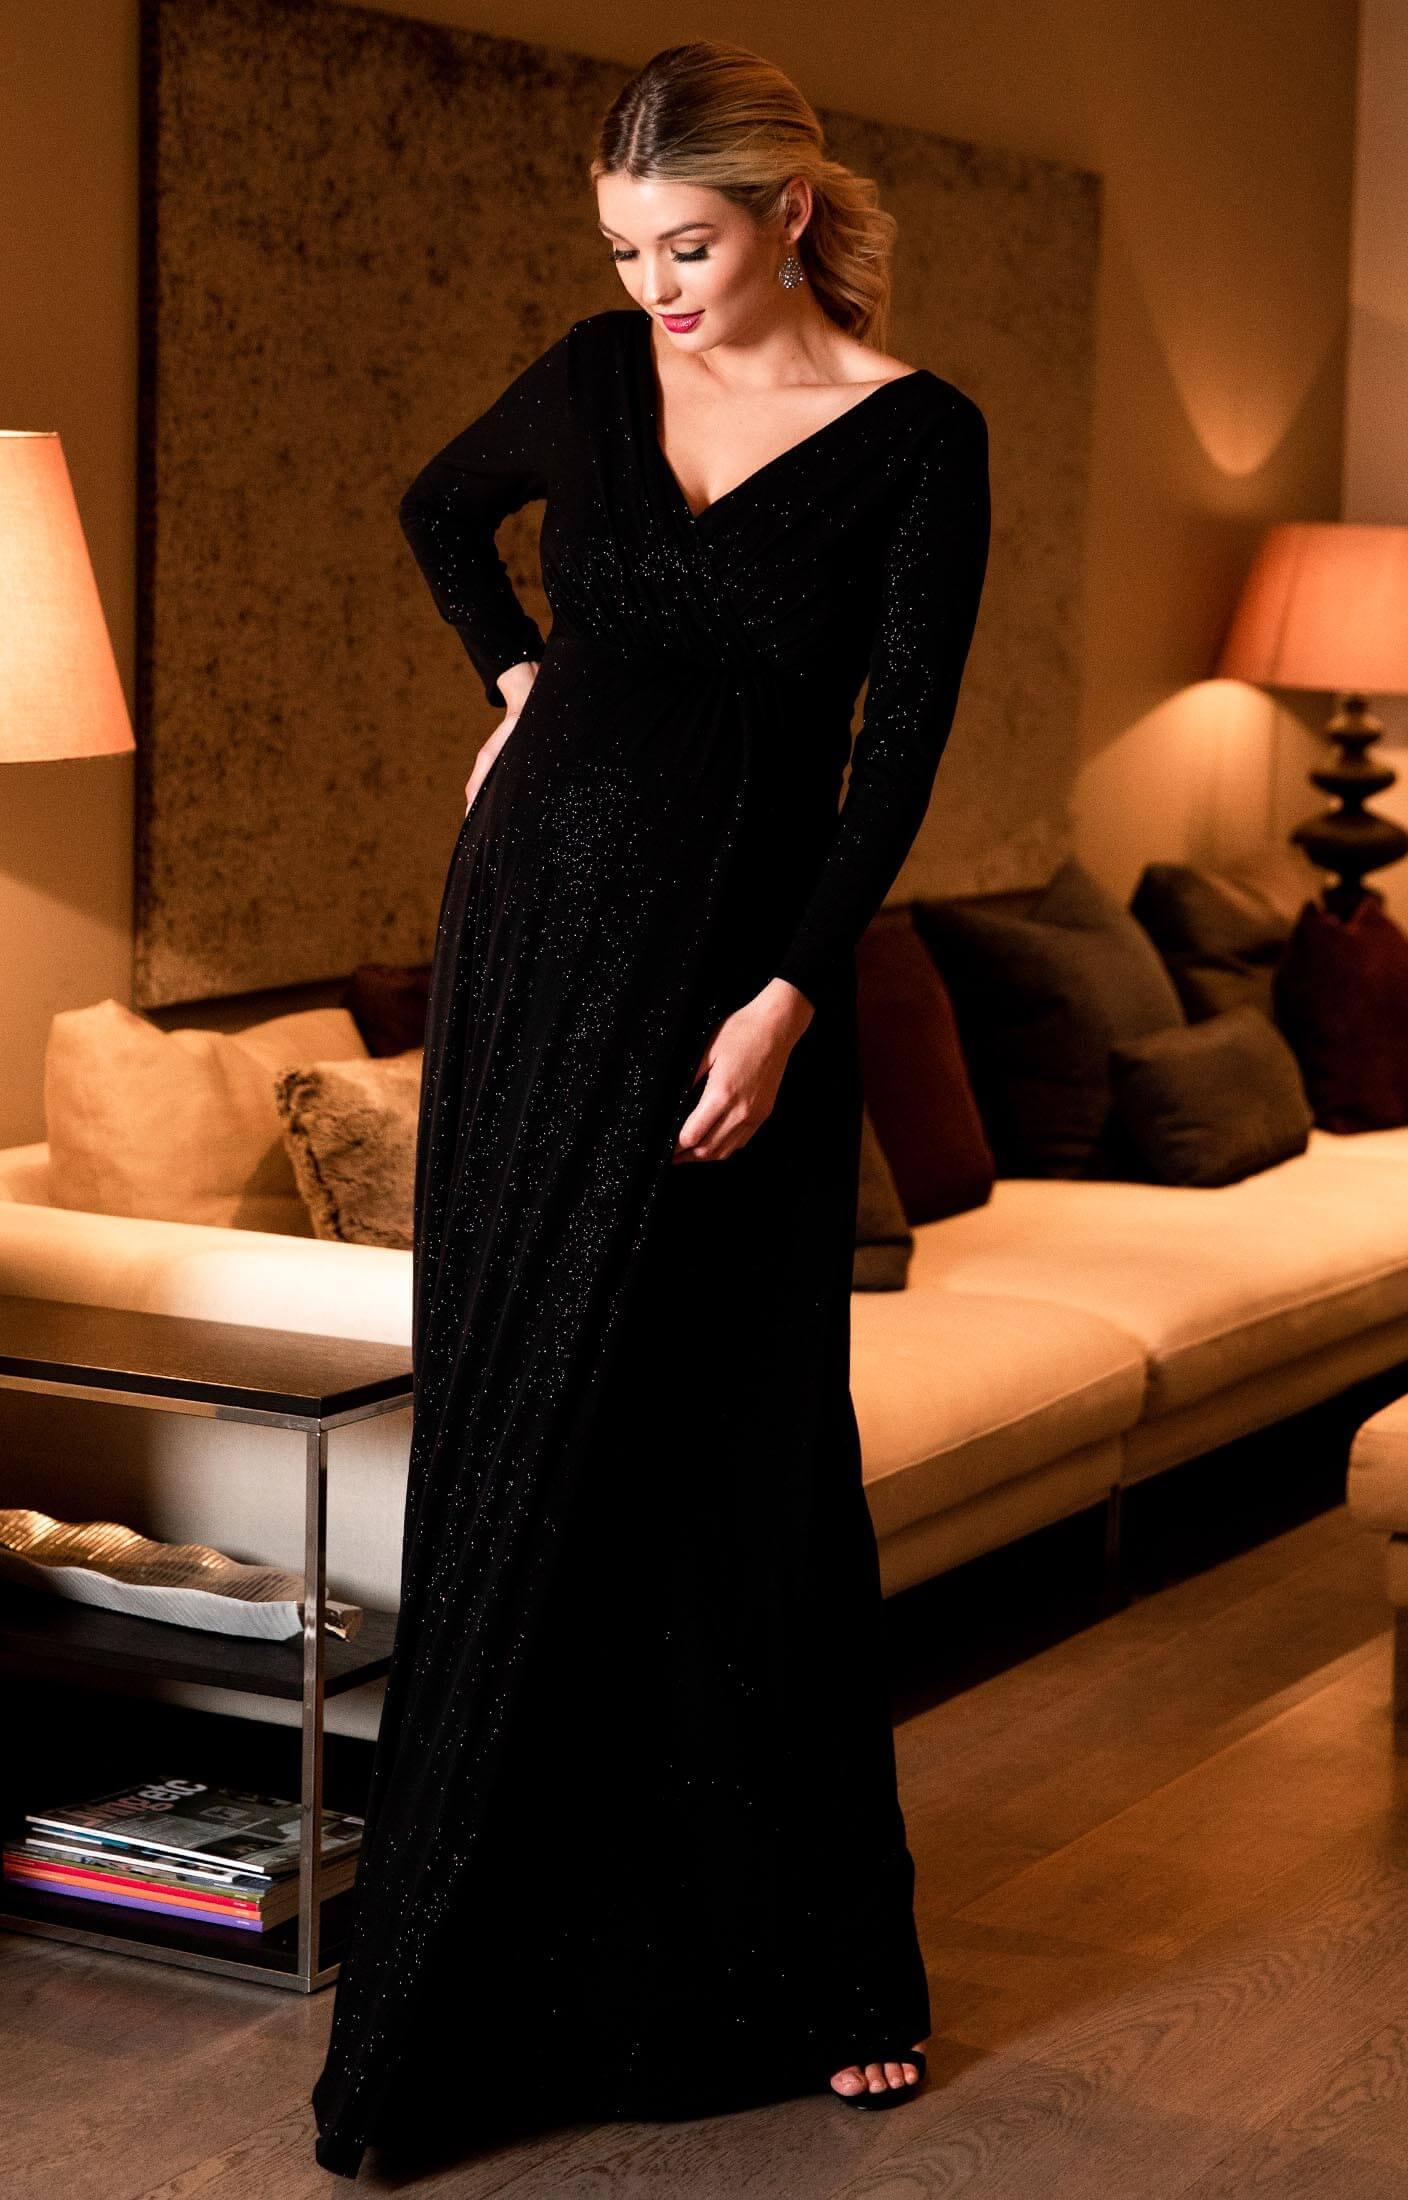 Schwarzes Umstands- und Still-Abendkleid aus glitzerndem Material. -  Umstandshochzeitskleider, Abendgarderobe und Partykleidung by Tiffany Rose